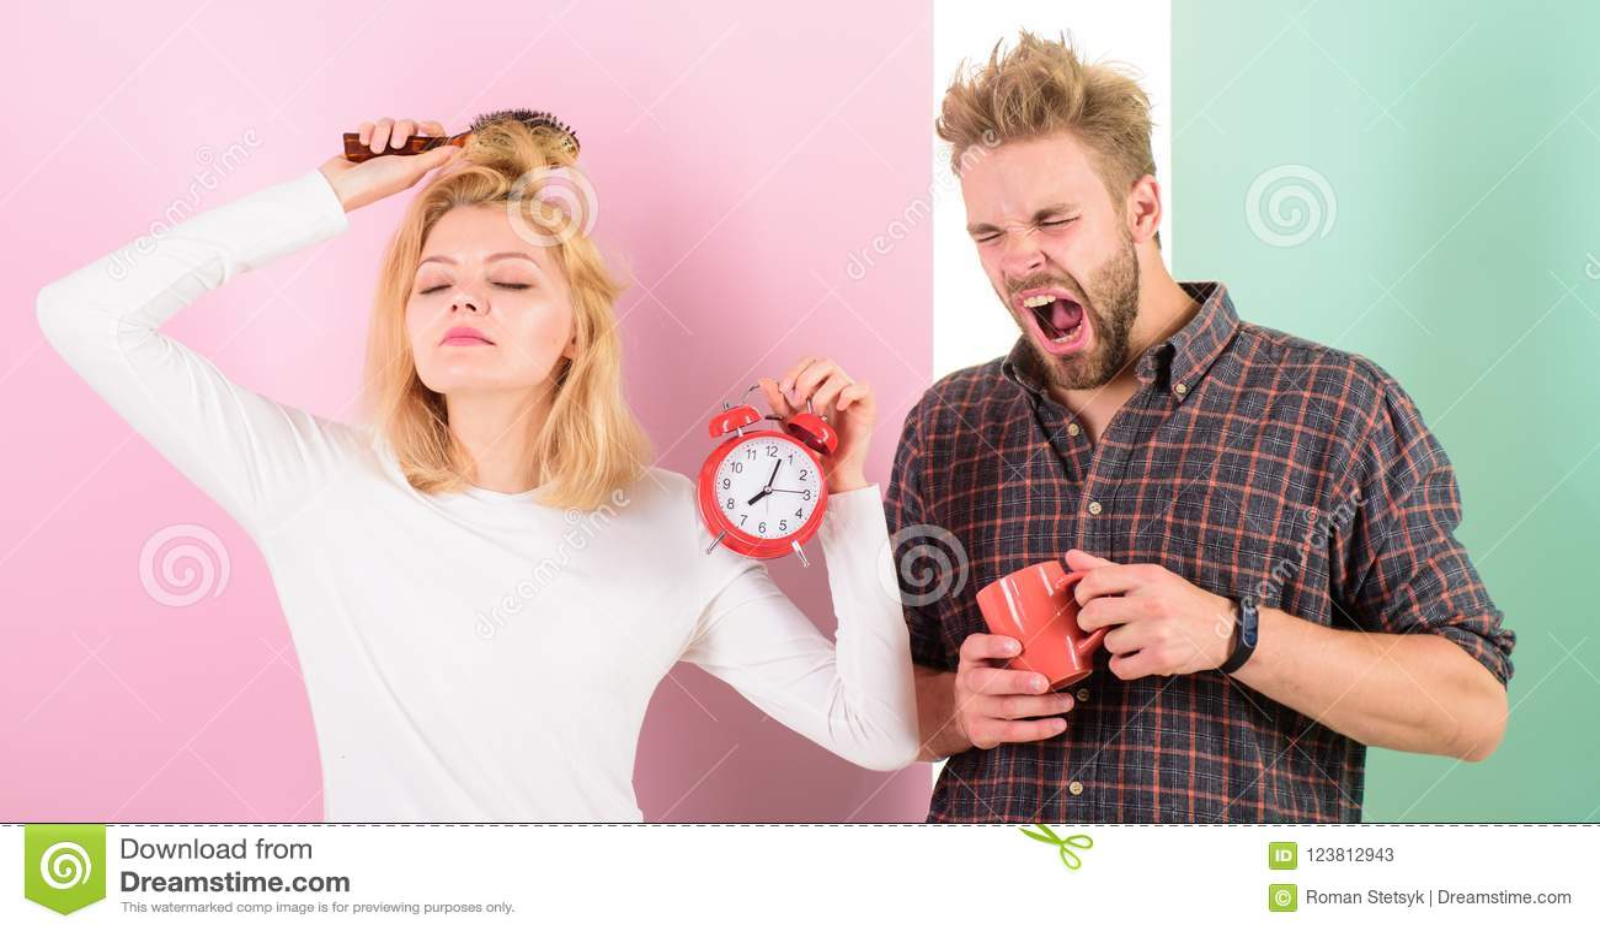 Skapa sunt vilar styre för att sova nog Sent styre för ånger Vi bör gå att bädda ned tidigare Sömniga kvinna och man